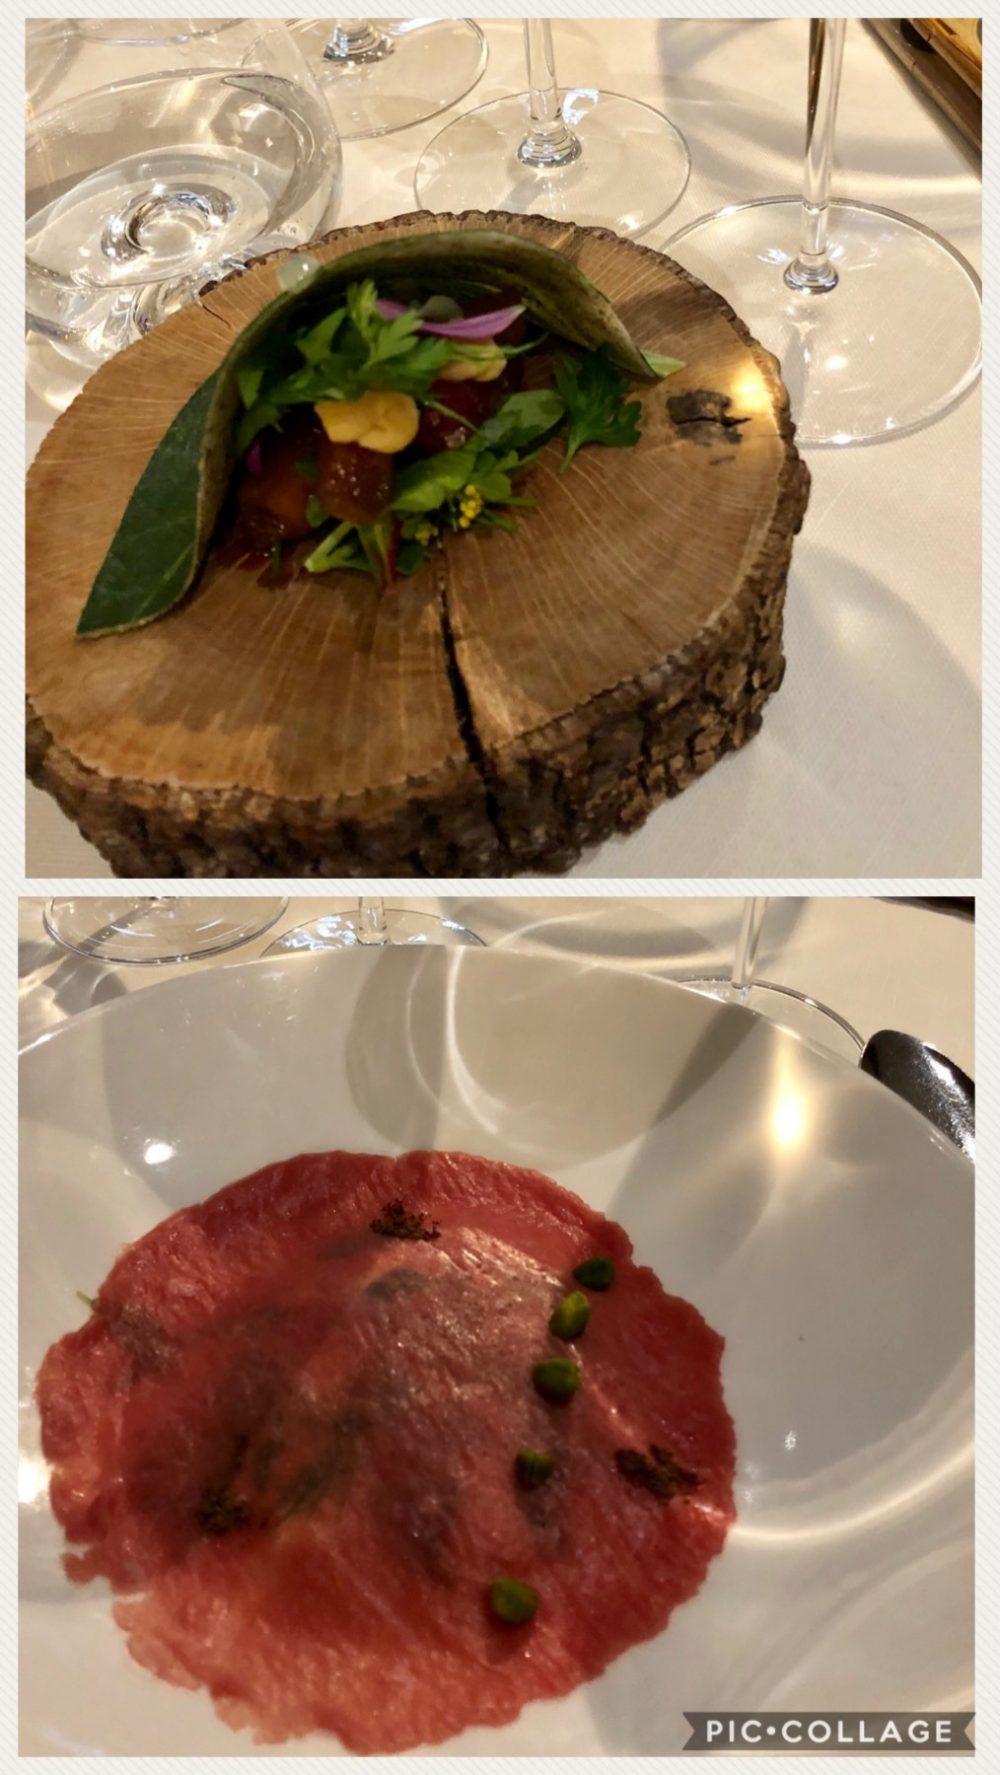 I piatti preparati dallo chef Roy Caceres del Metamorfosi, spumante di Corteaura - Foglia di grano, Risotto Rosso